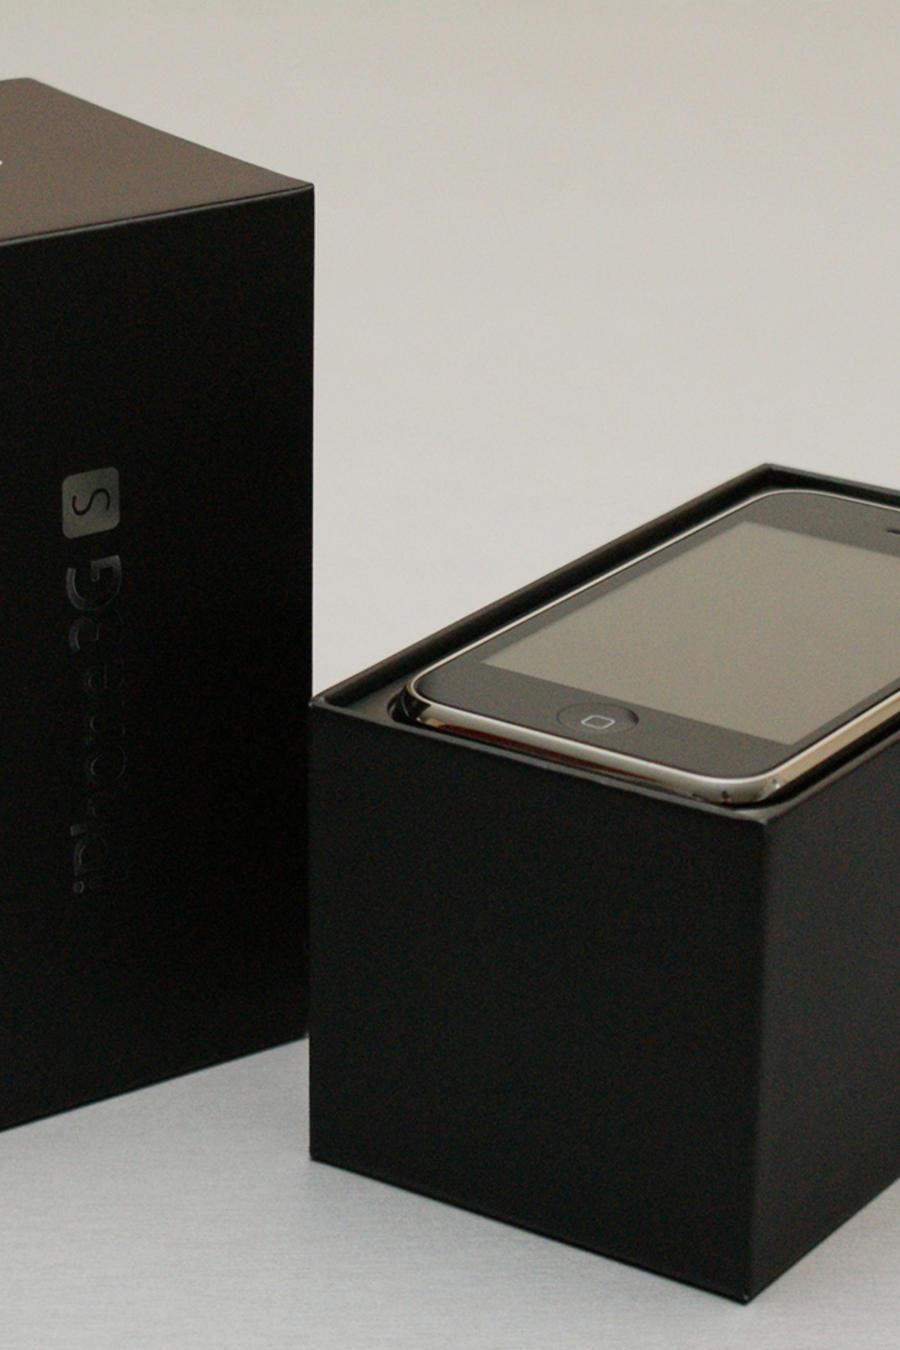 Teléfonos iPhone viejos podrían valer miles de dólares